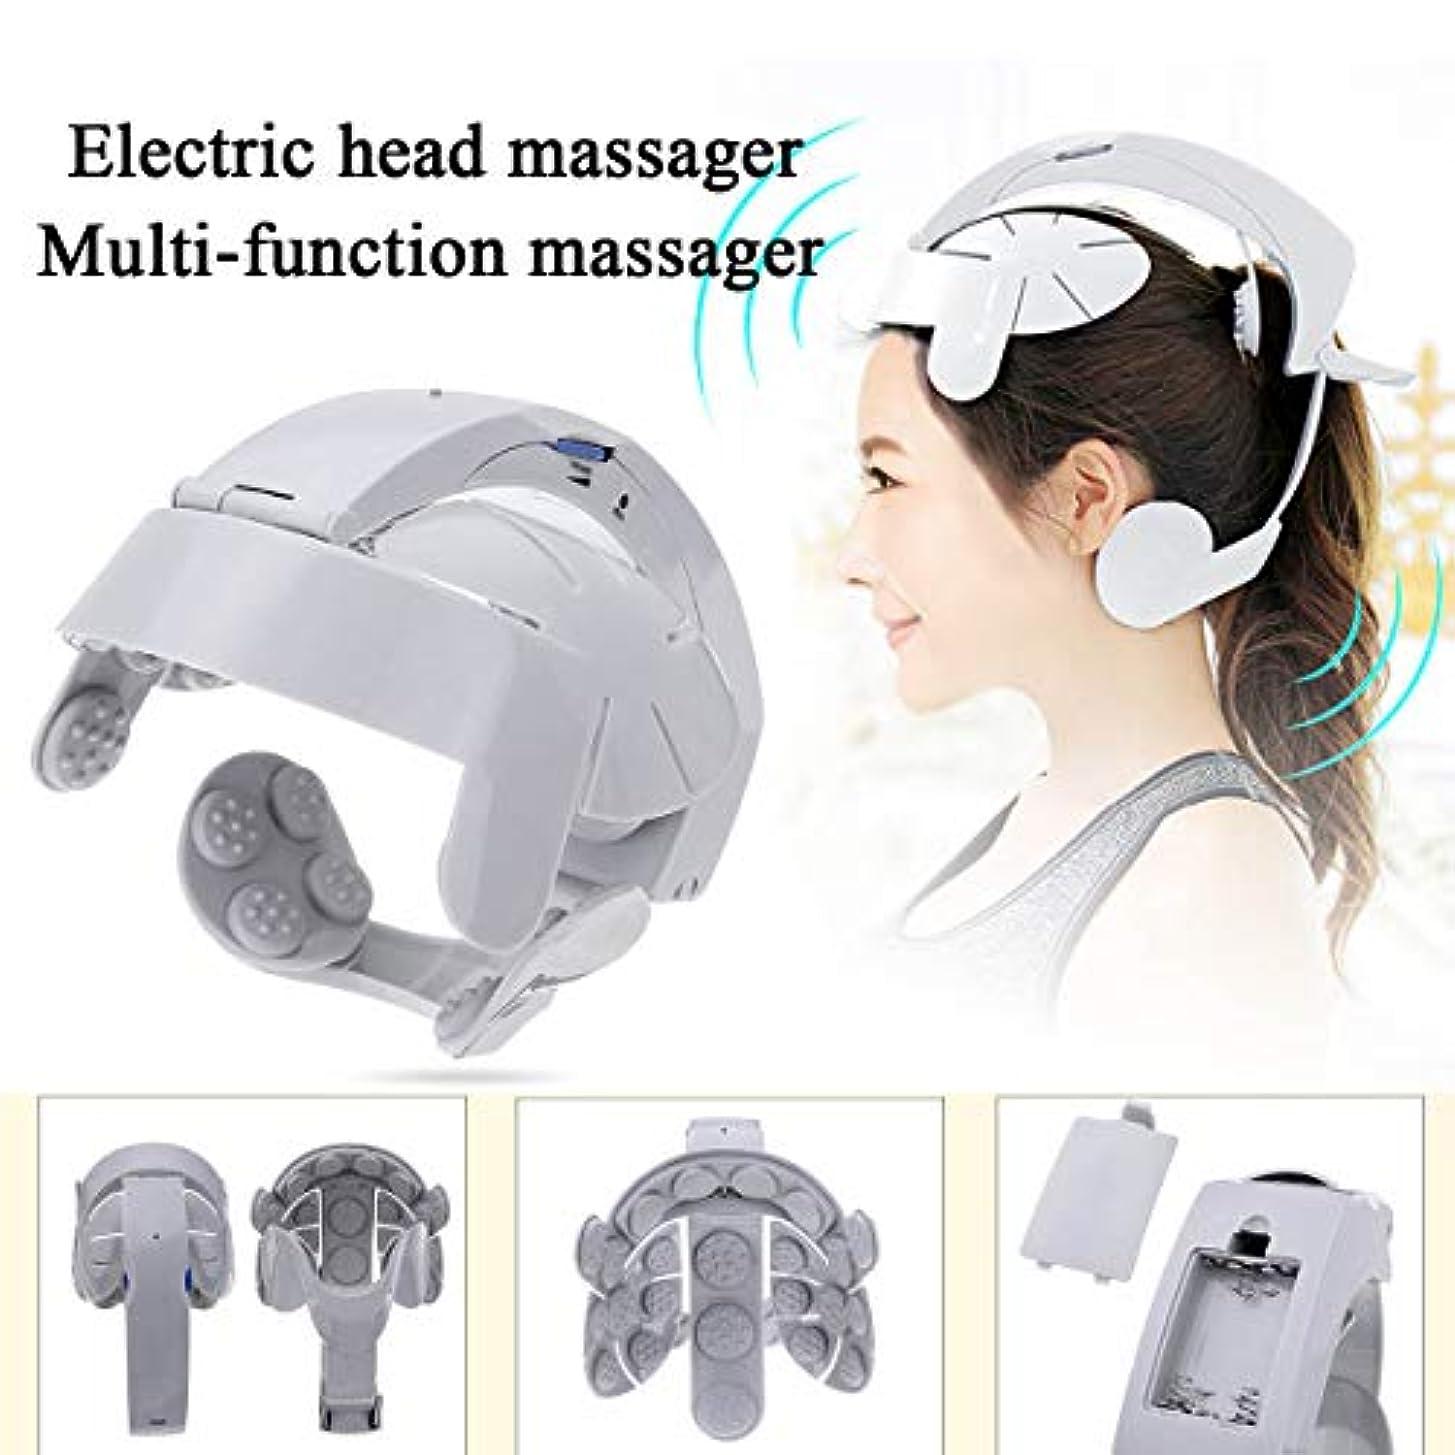 在庫広々としたクランシー電気ヘッドマッサージの振動マッサージ簡単な脳マッサージ器ストレスリリーフとより良い睡眠経穴ストレス解放機